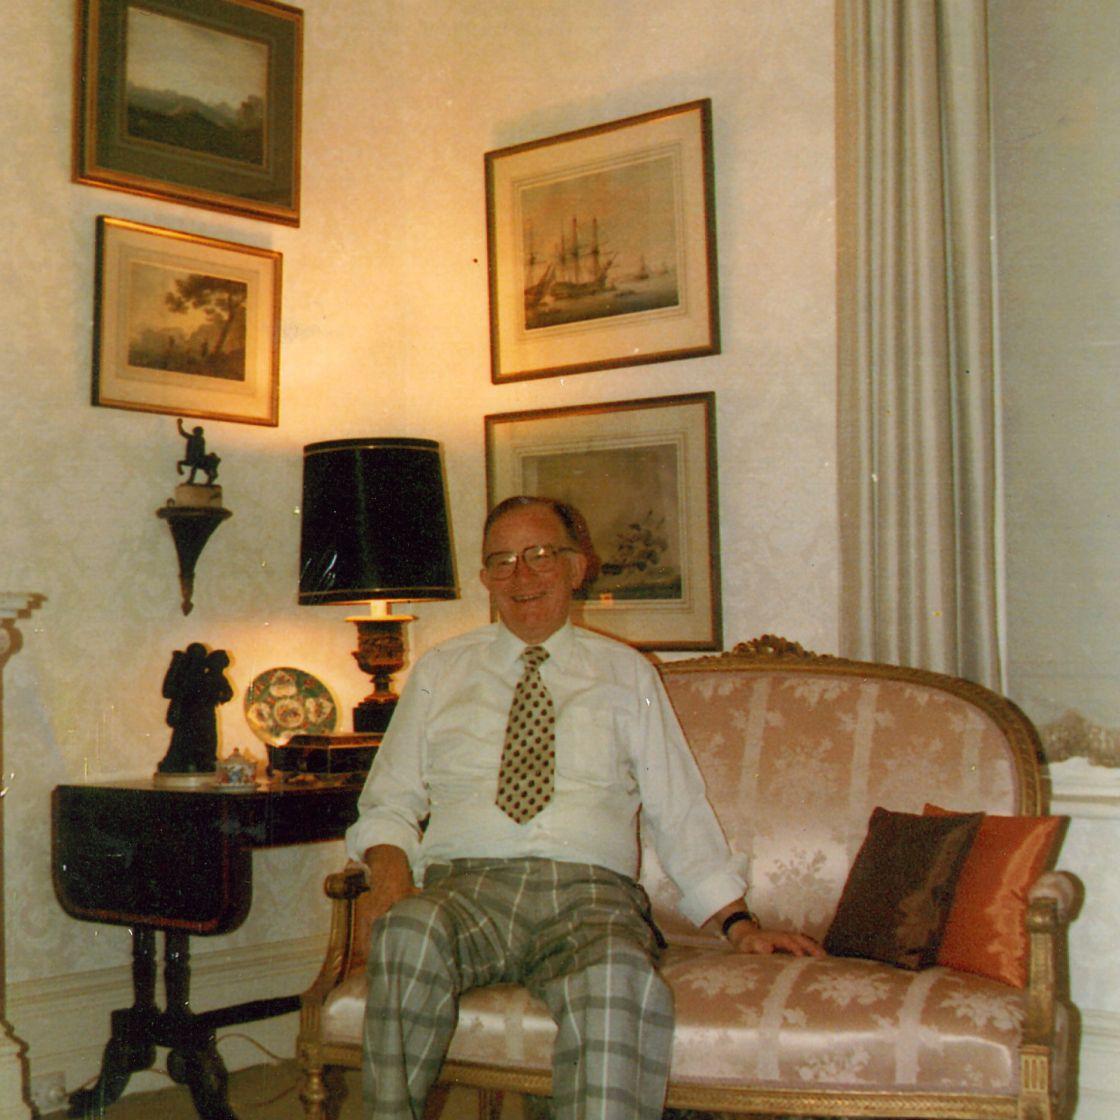 HS GF WRJ SR 1986 aa